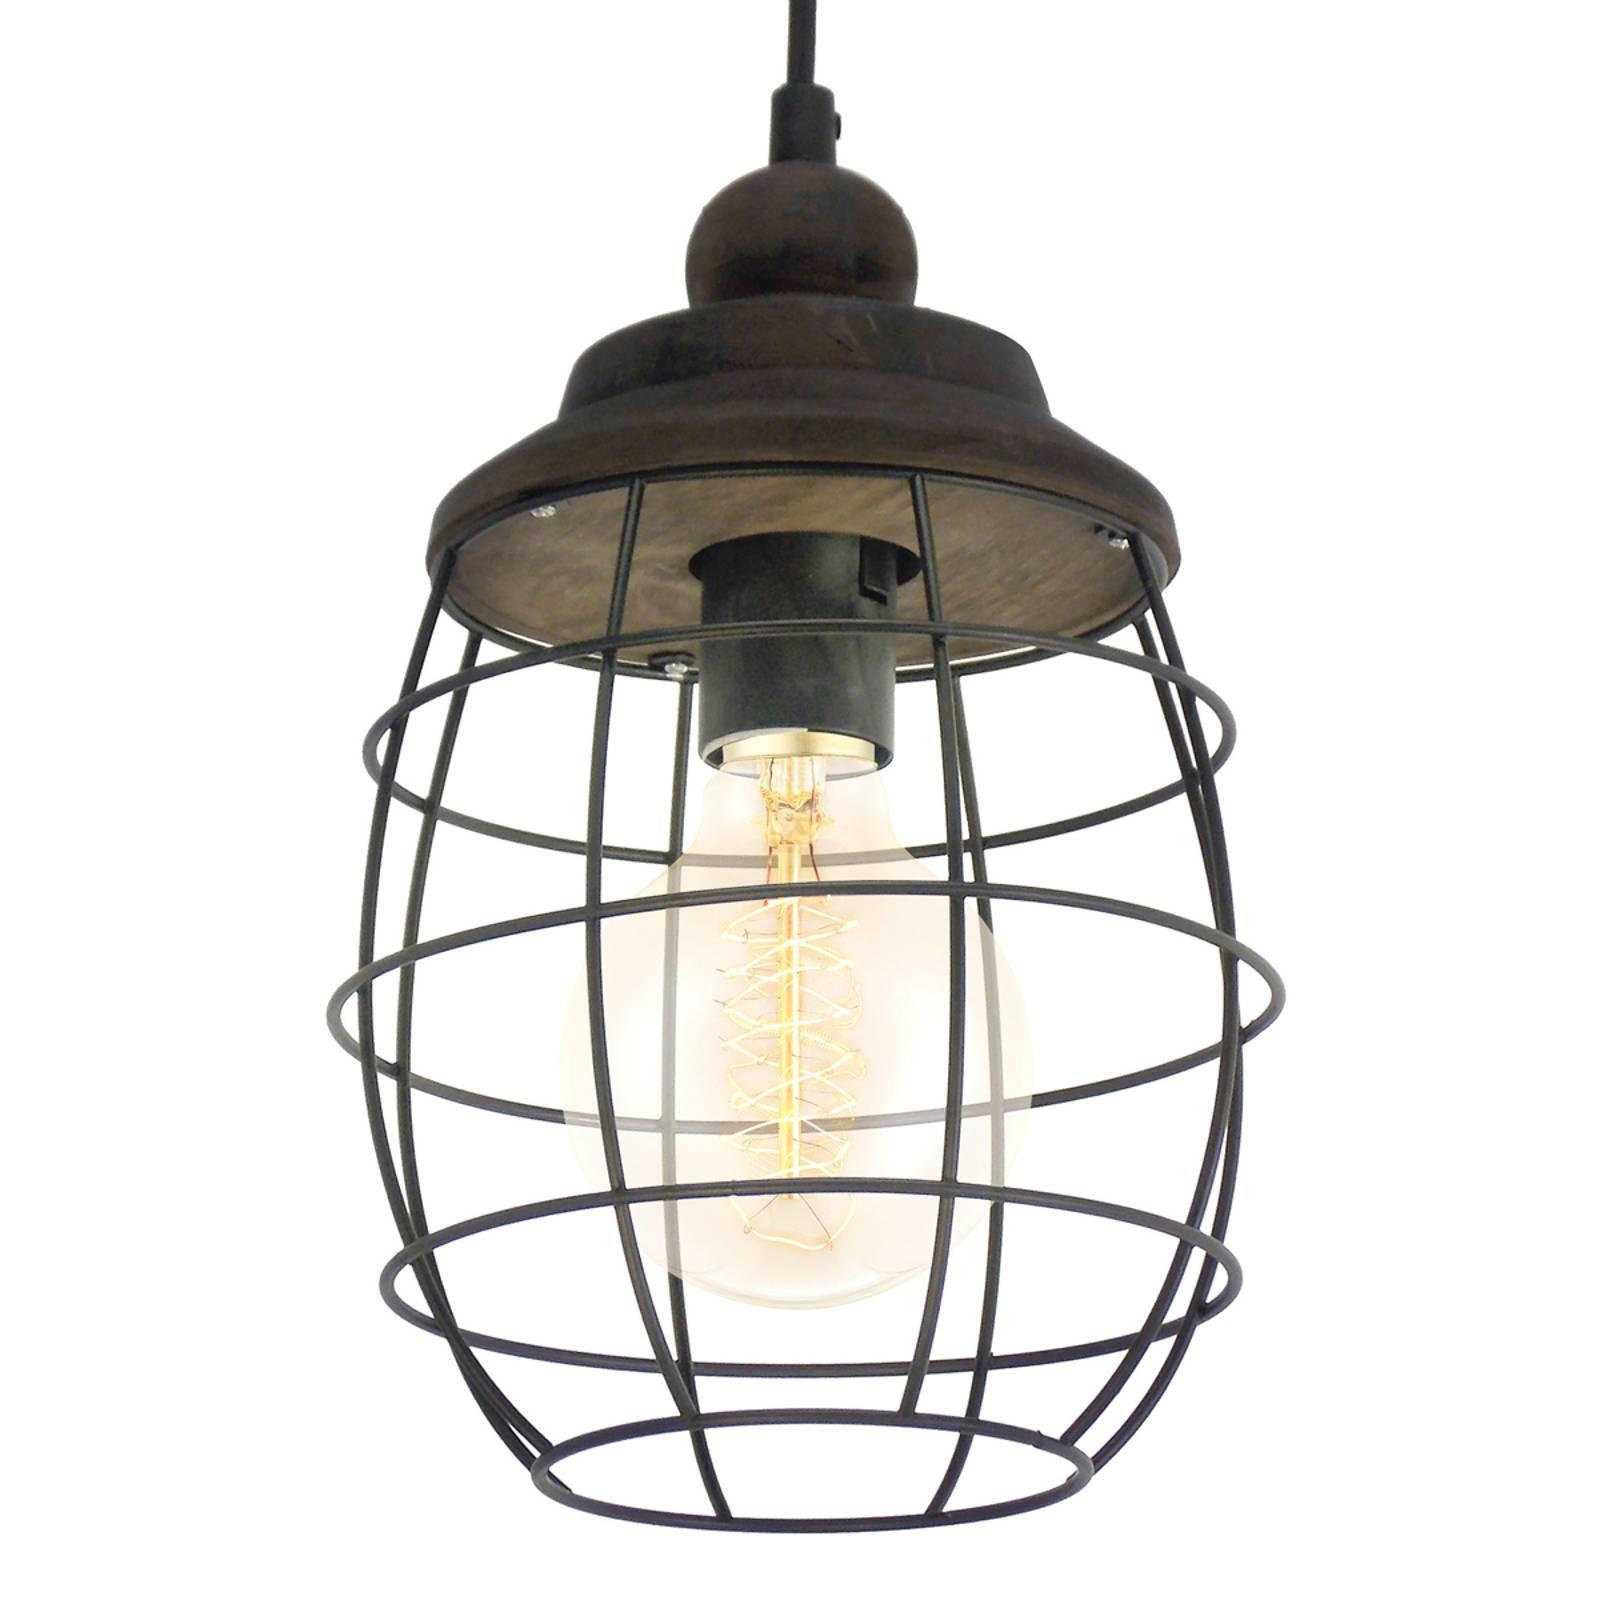 Lampada a sospensione dal design rustico Bampton